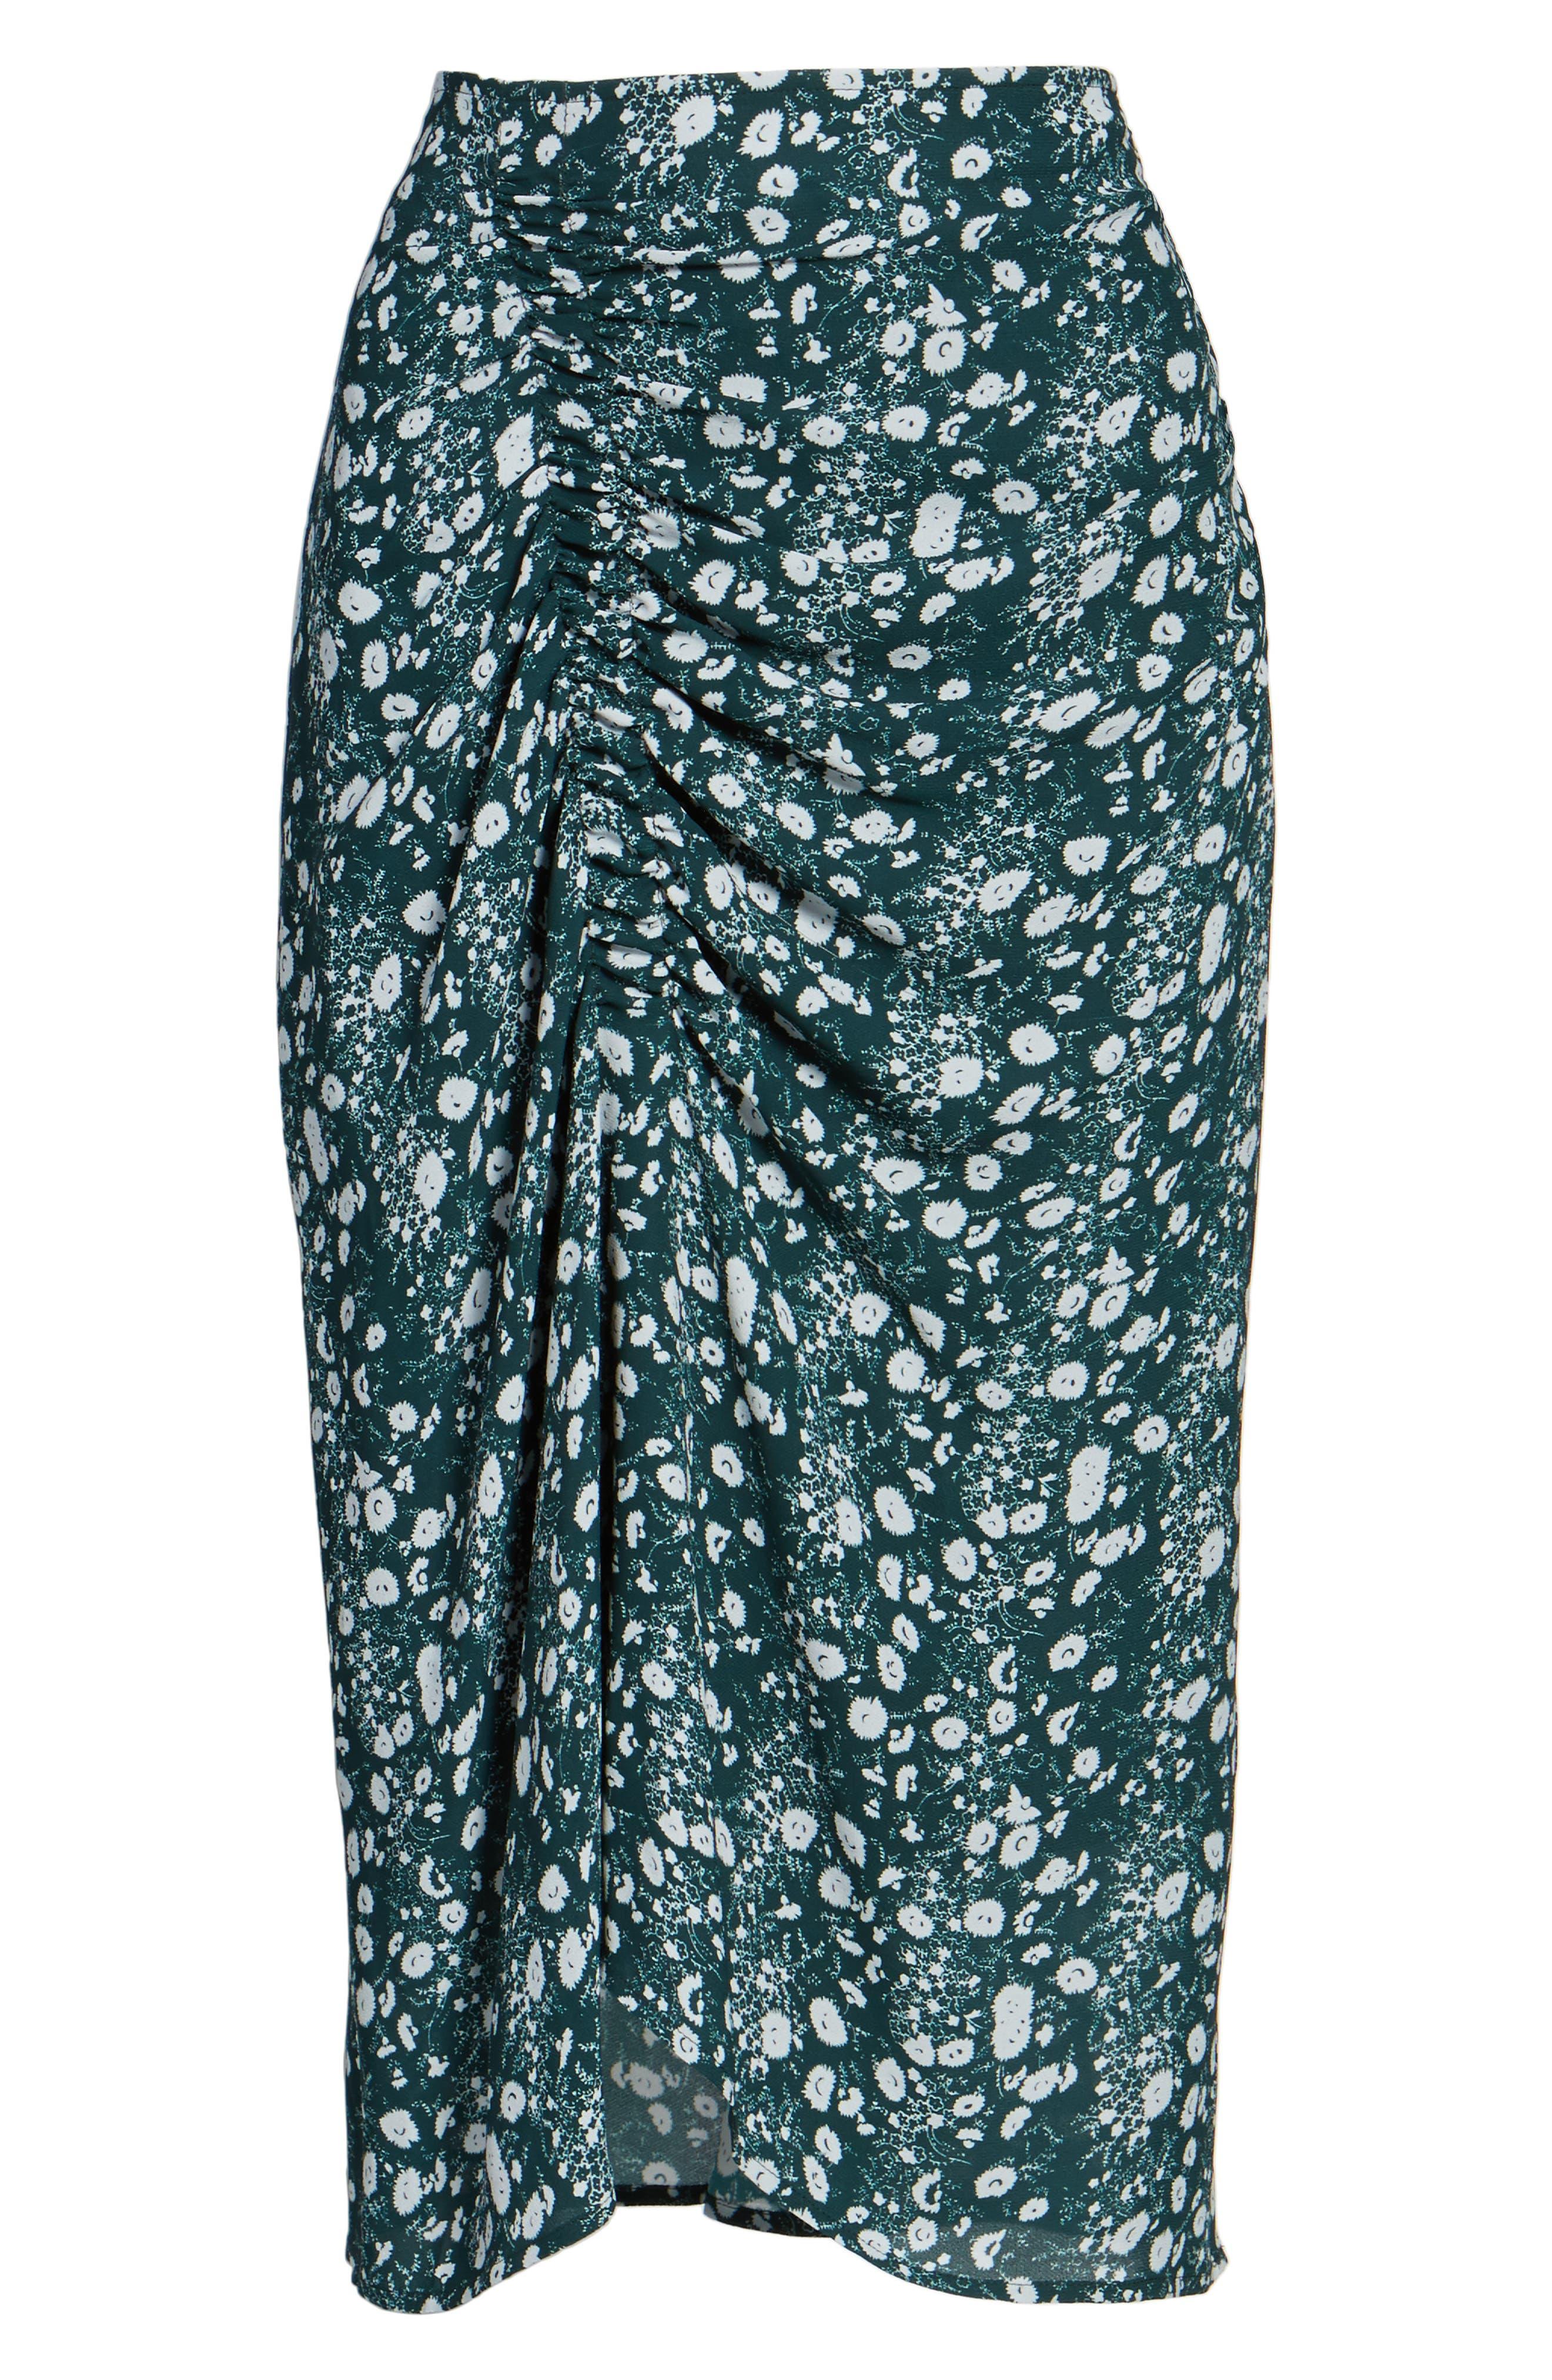 Print Skirt,                             Alternate thumbnail 6, color,                             301